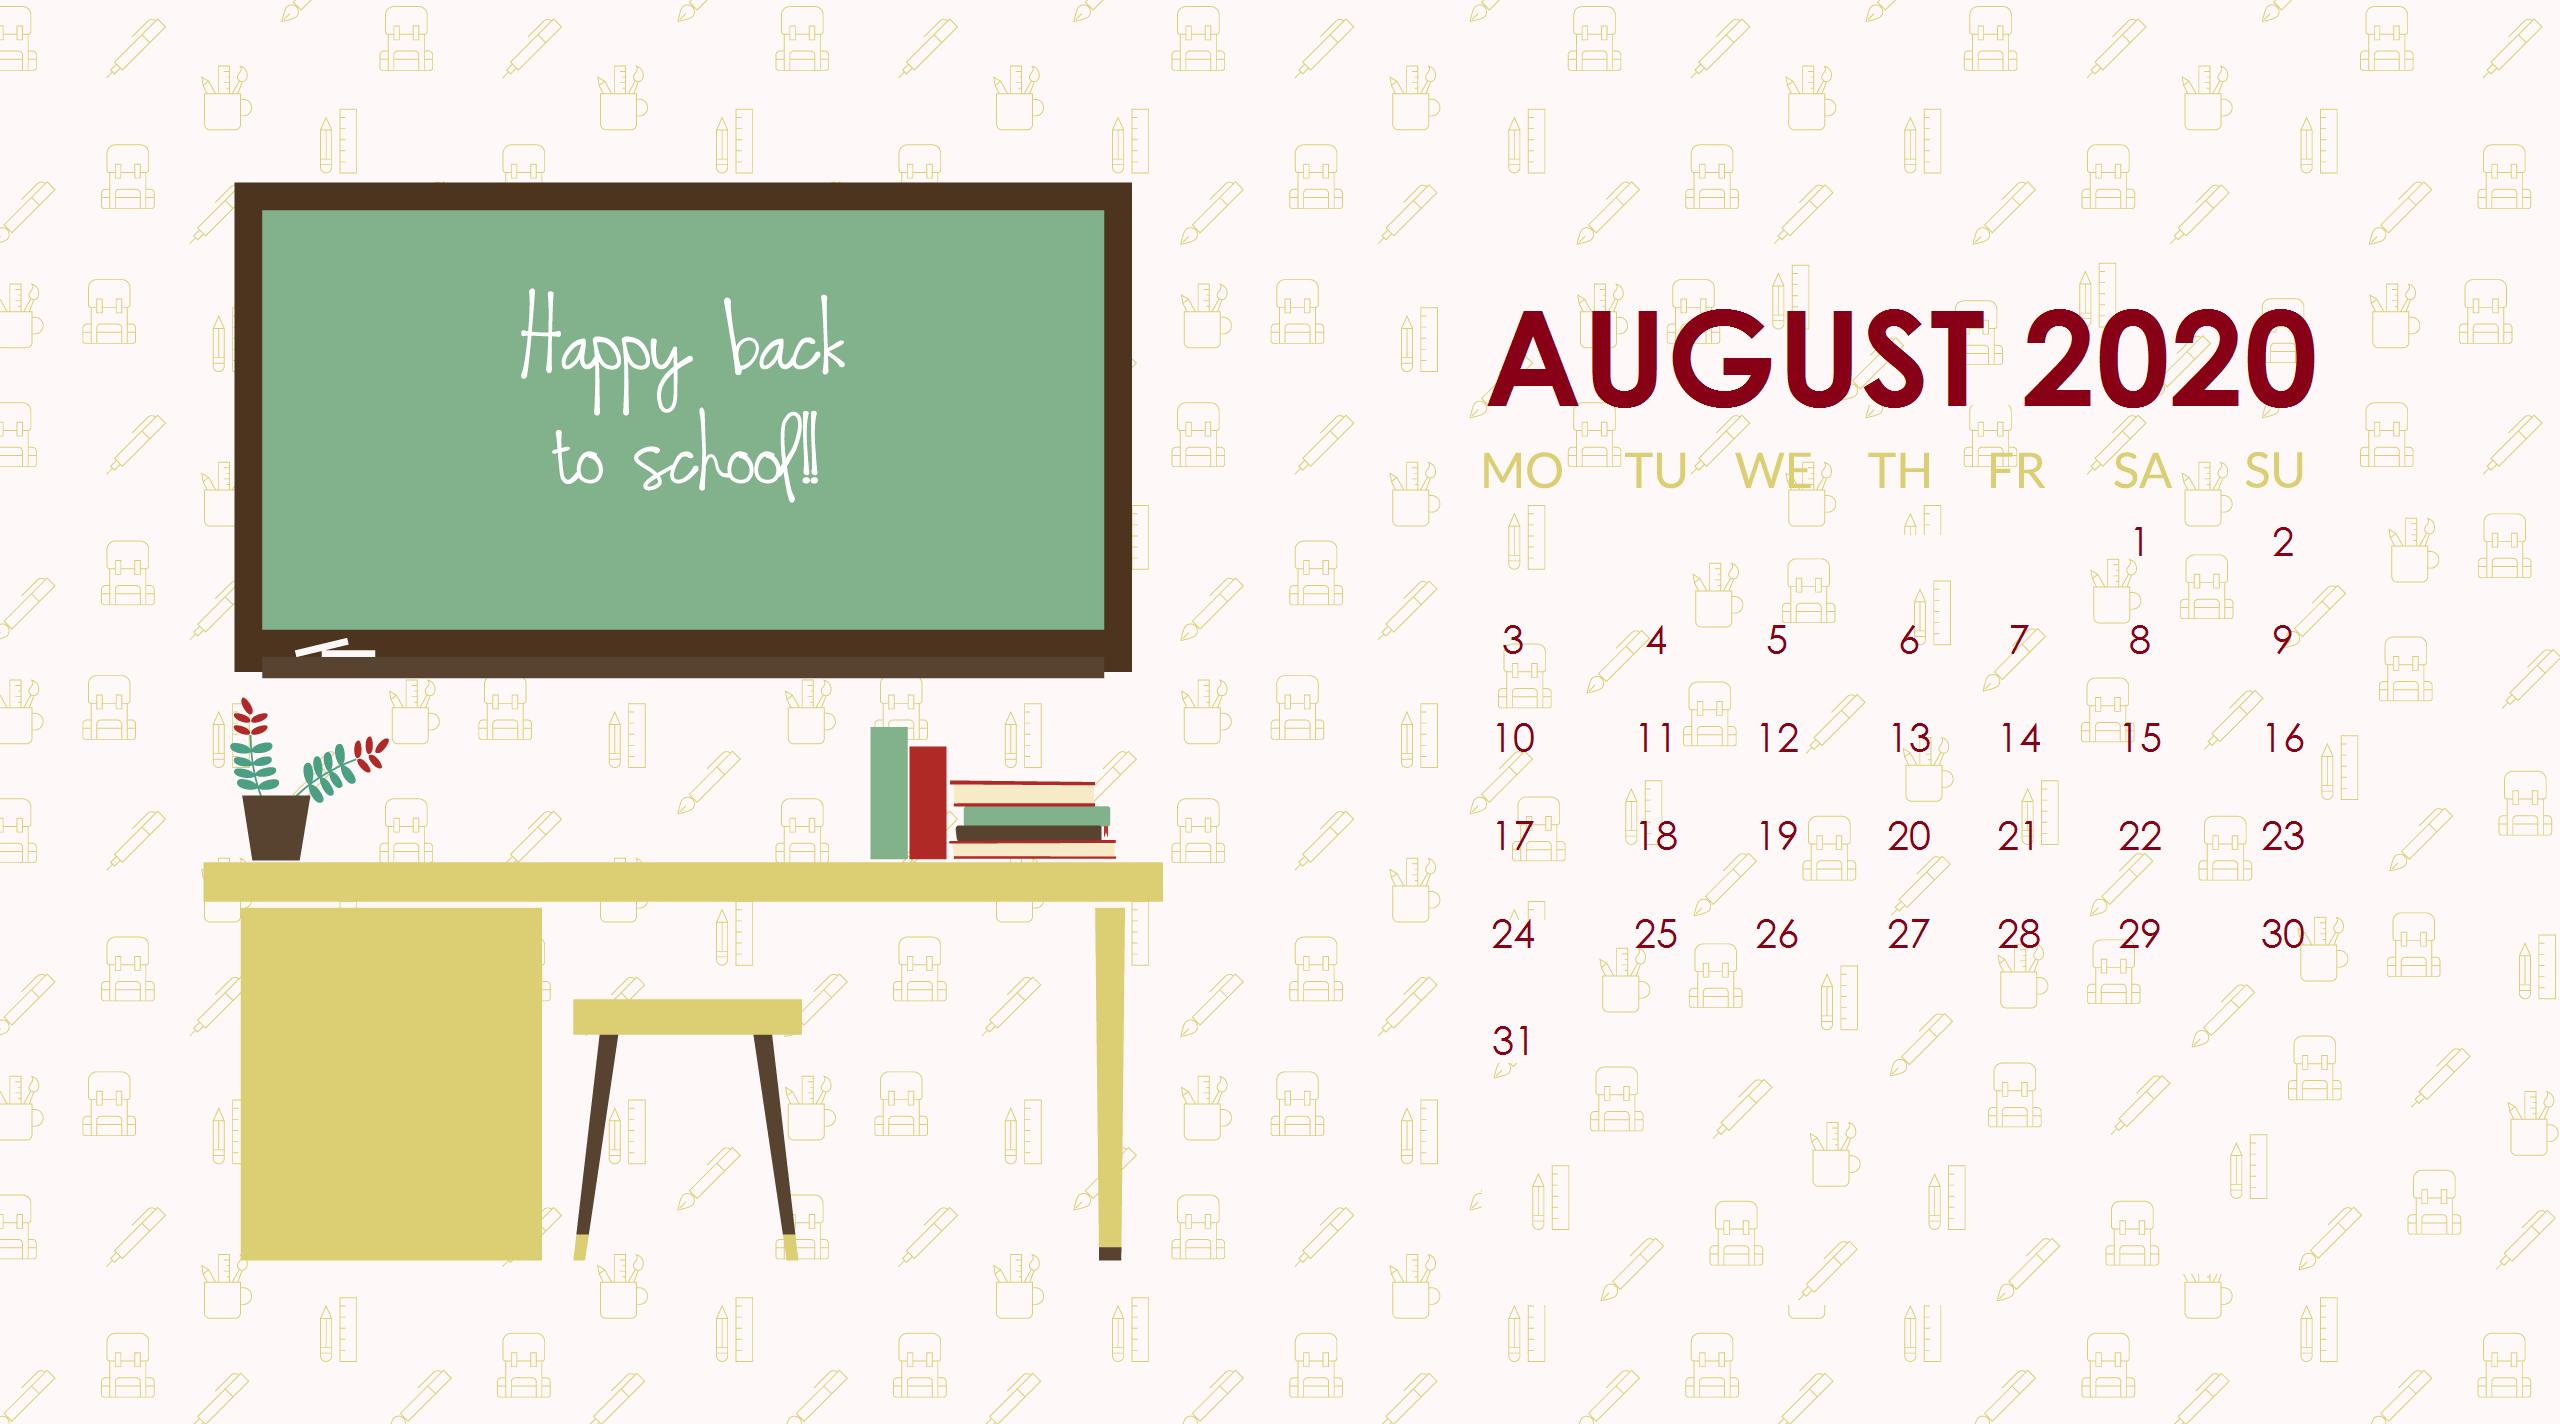 August 2020 Desktop Wallpaper in 2020 Monthly calendar